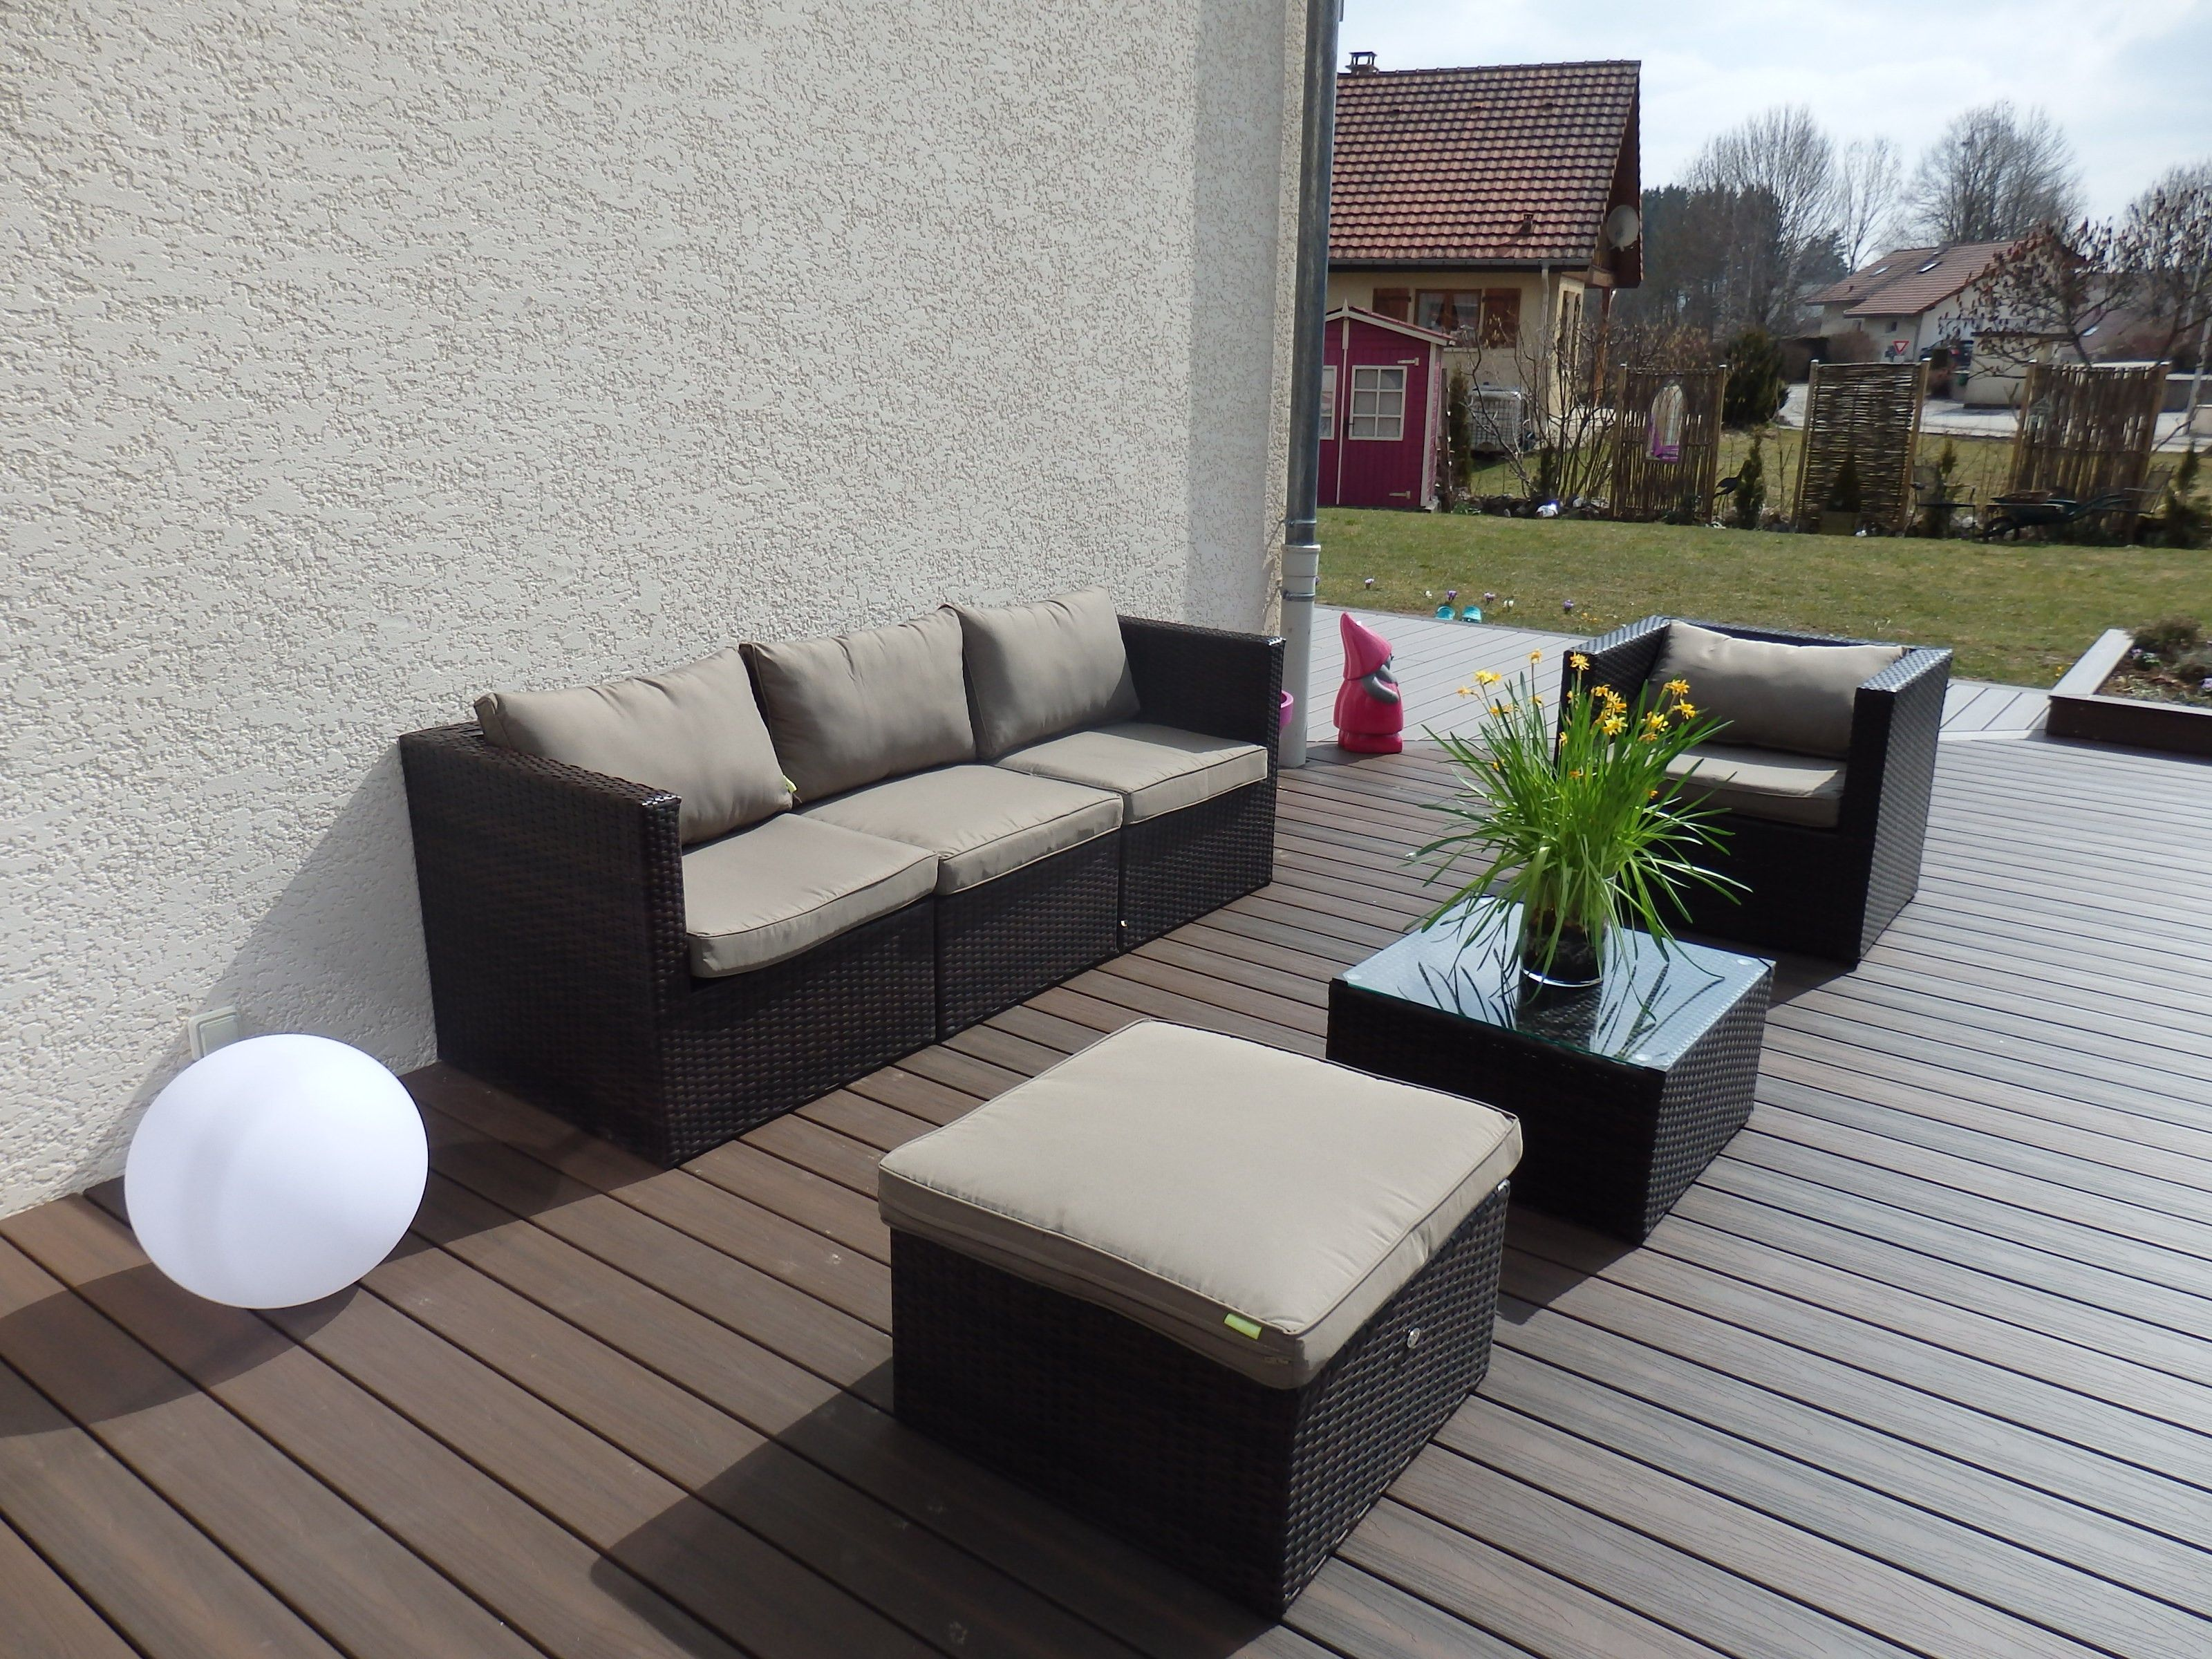 magnifique salon de jardin aluminium et resine tressee | Décoration ...